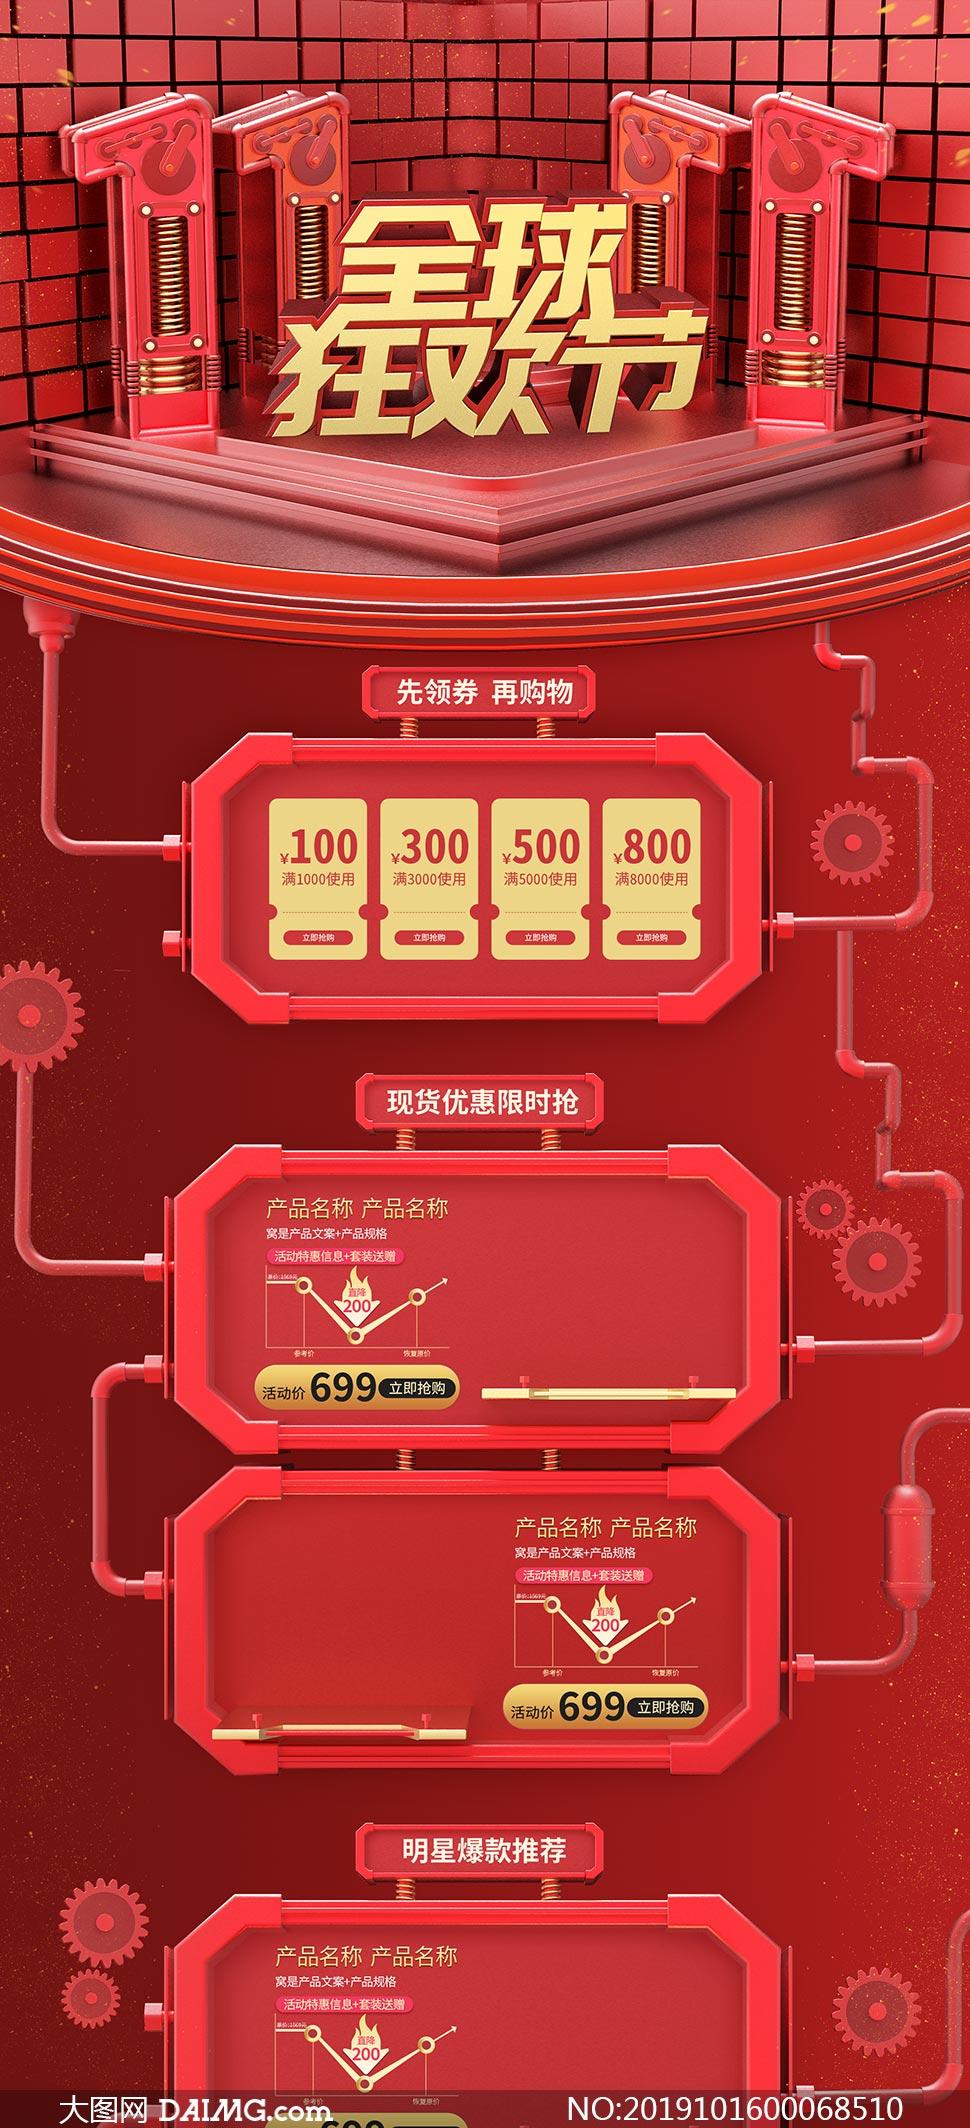 天猫红色喜庆双11首页设计 澳门最大必赢赌场